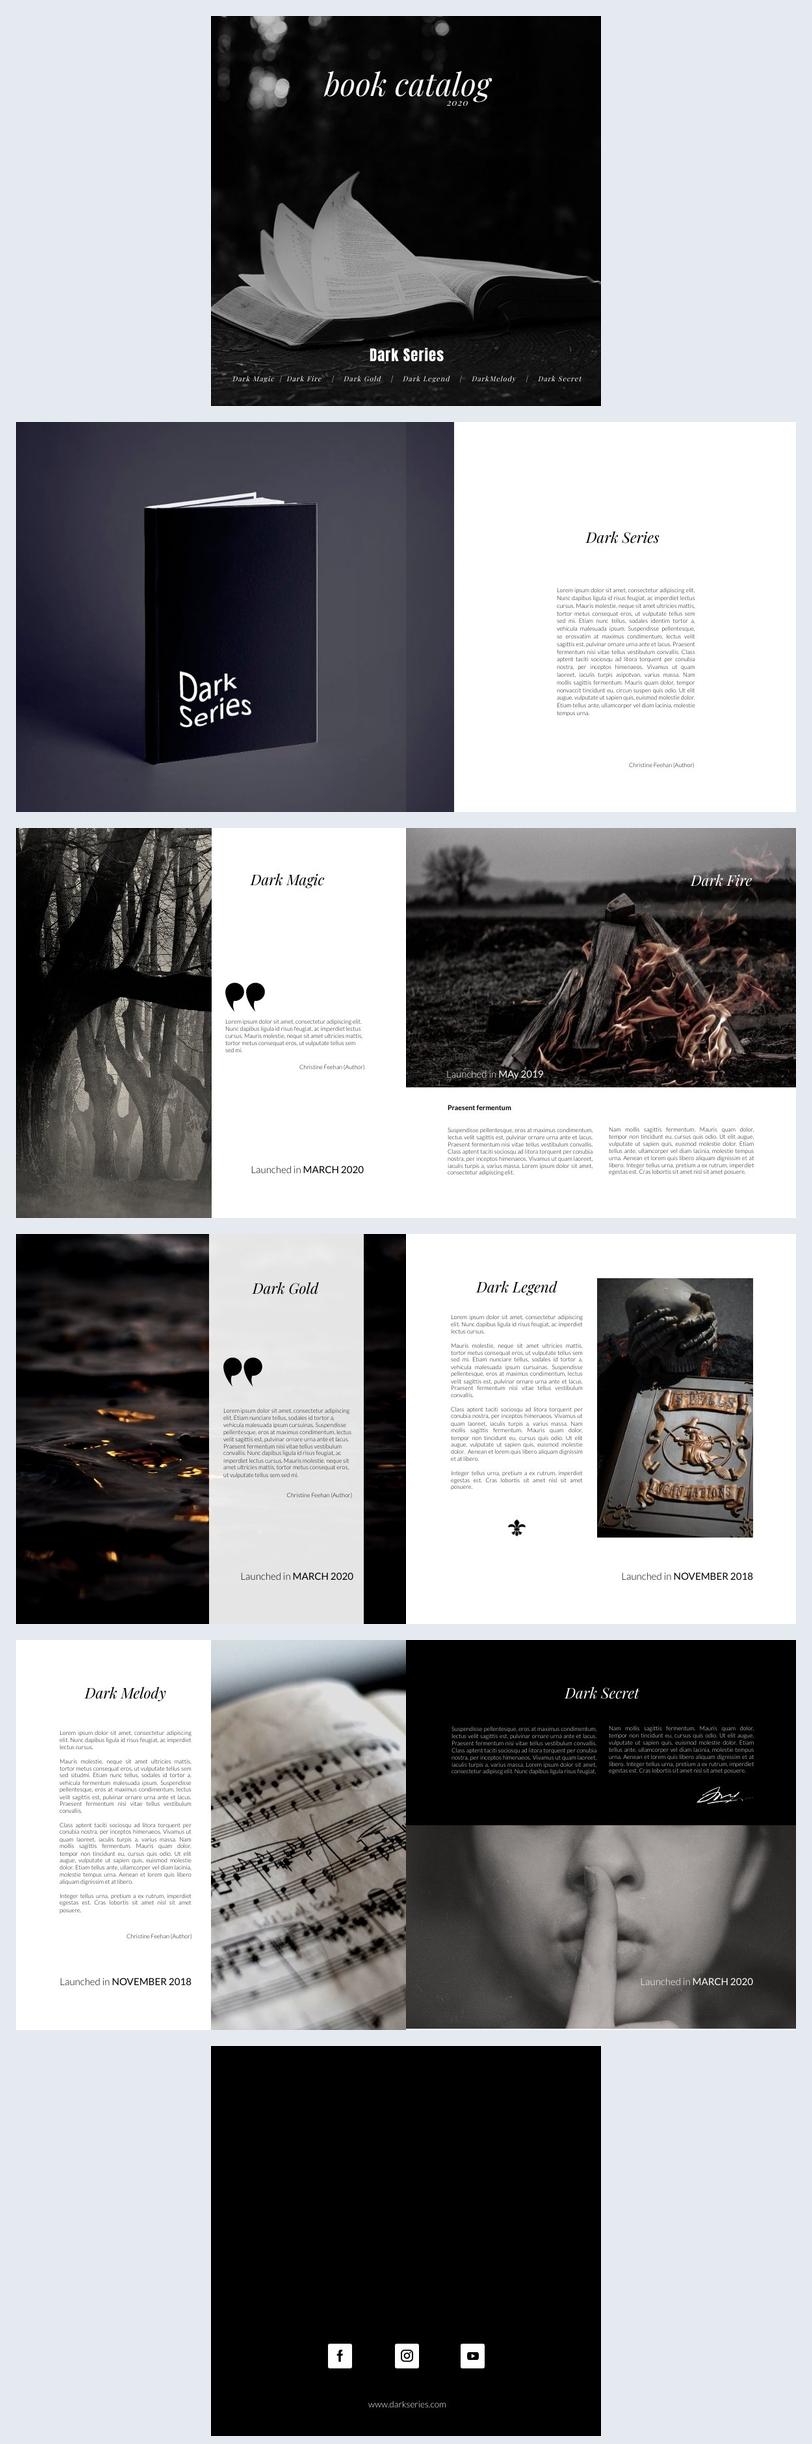 Book Collection Catalog Design Idea